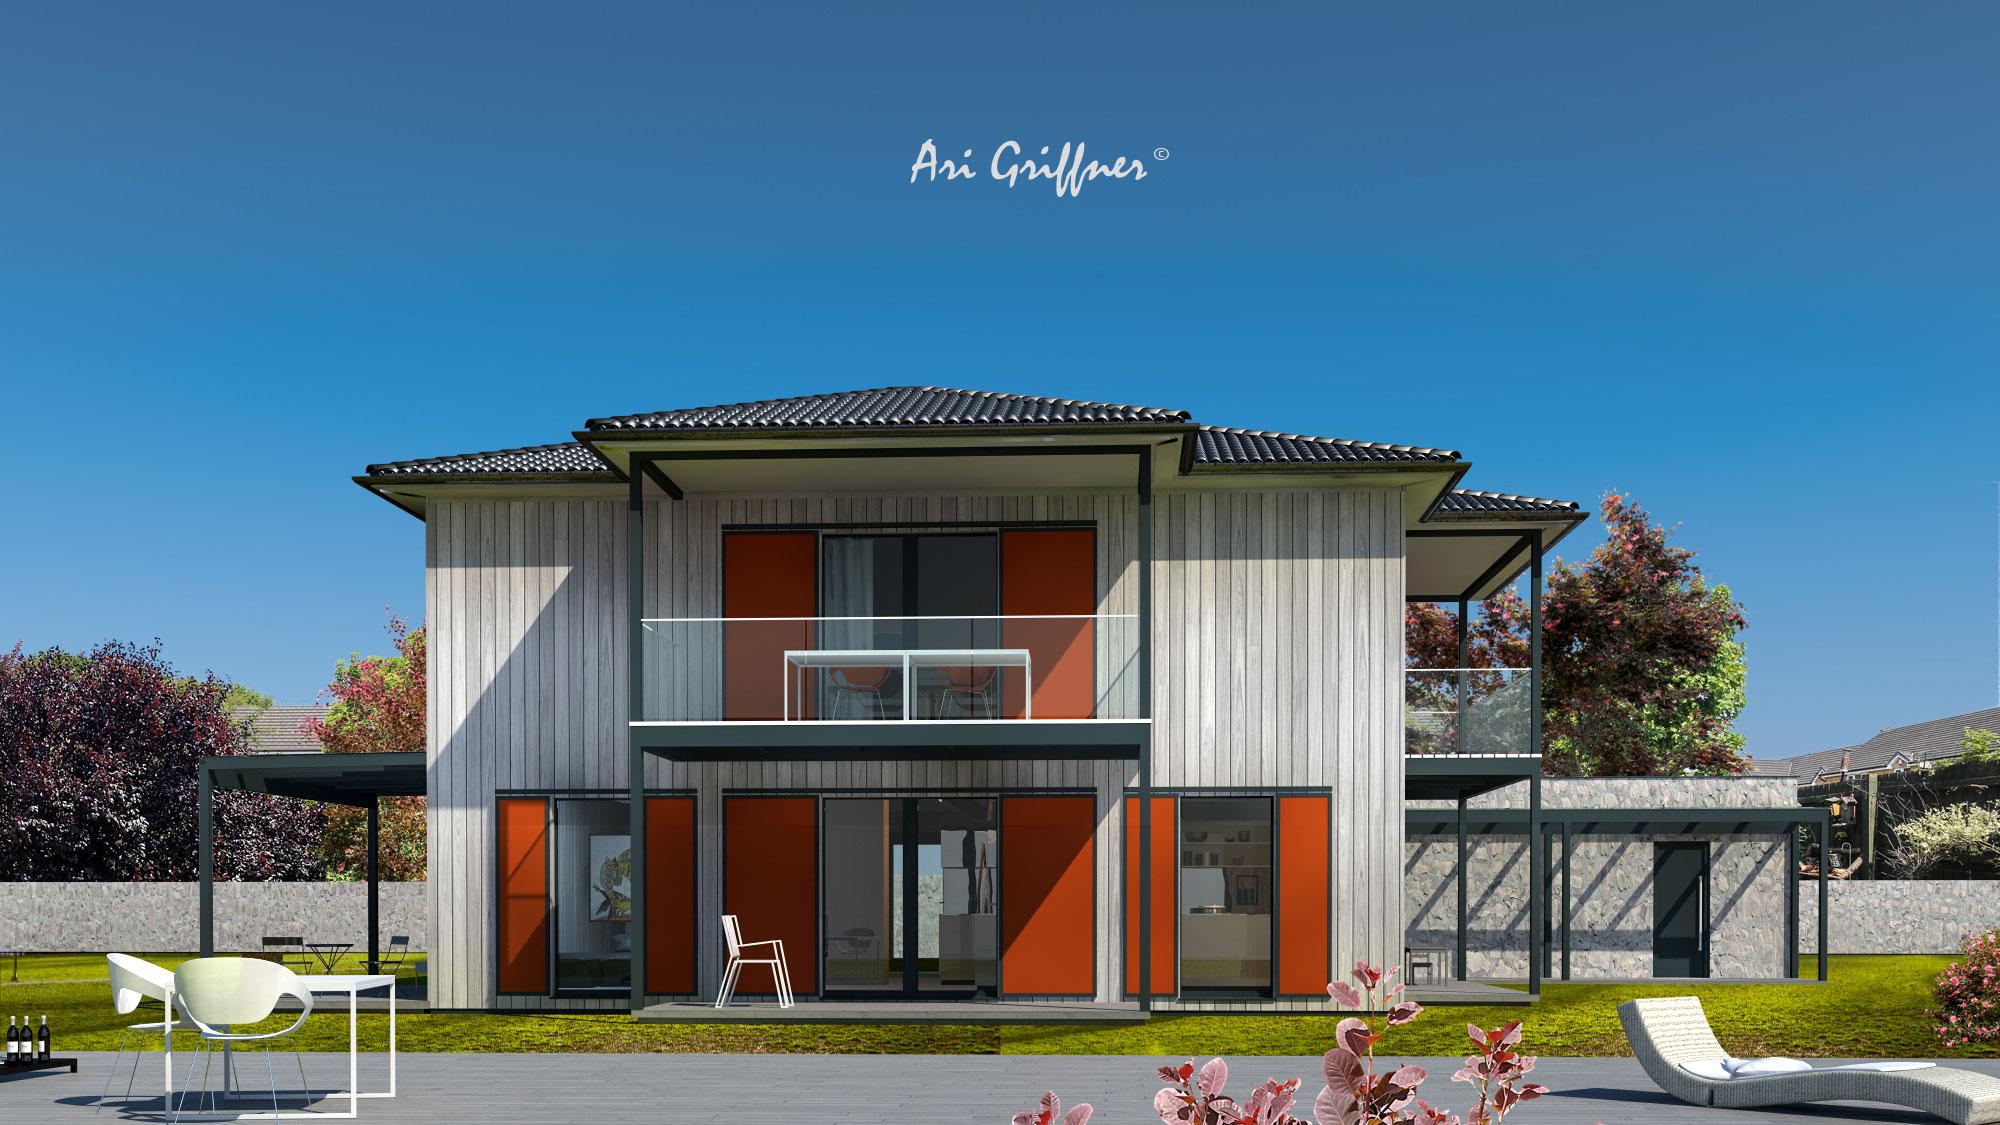 Rendering Square Two in klassischem Design mit Walmdach und symmetrischer Fensteranordnung